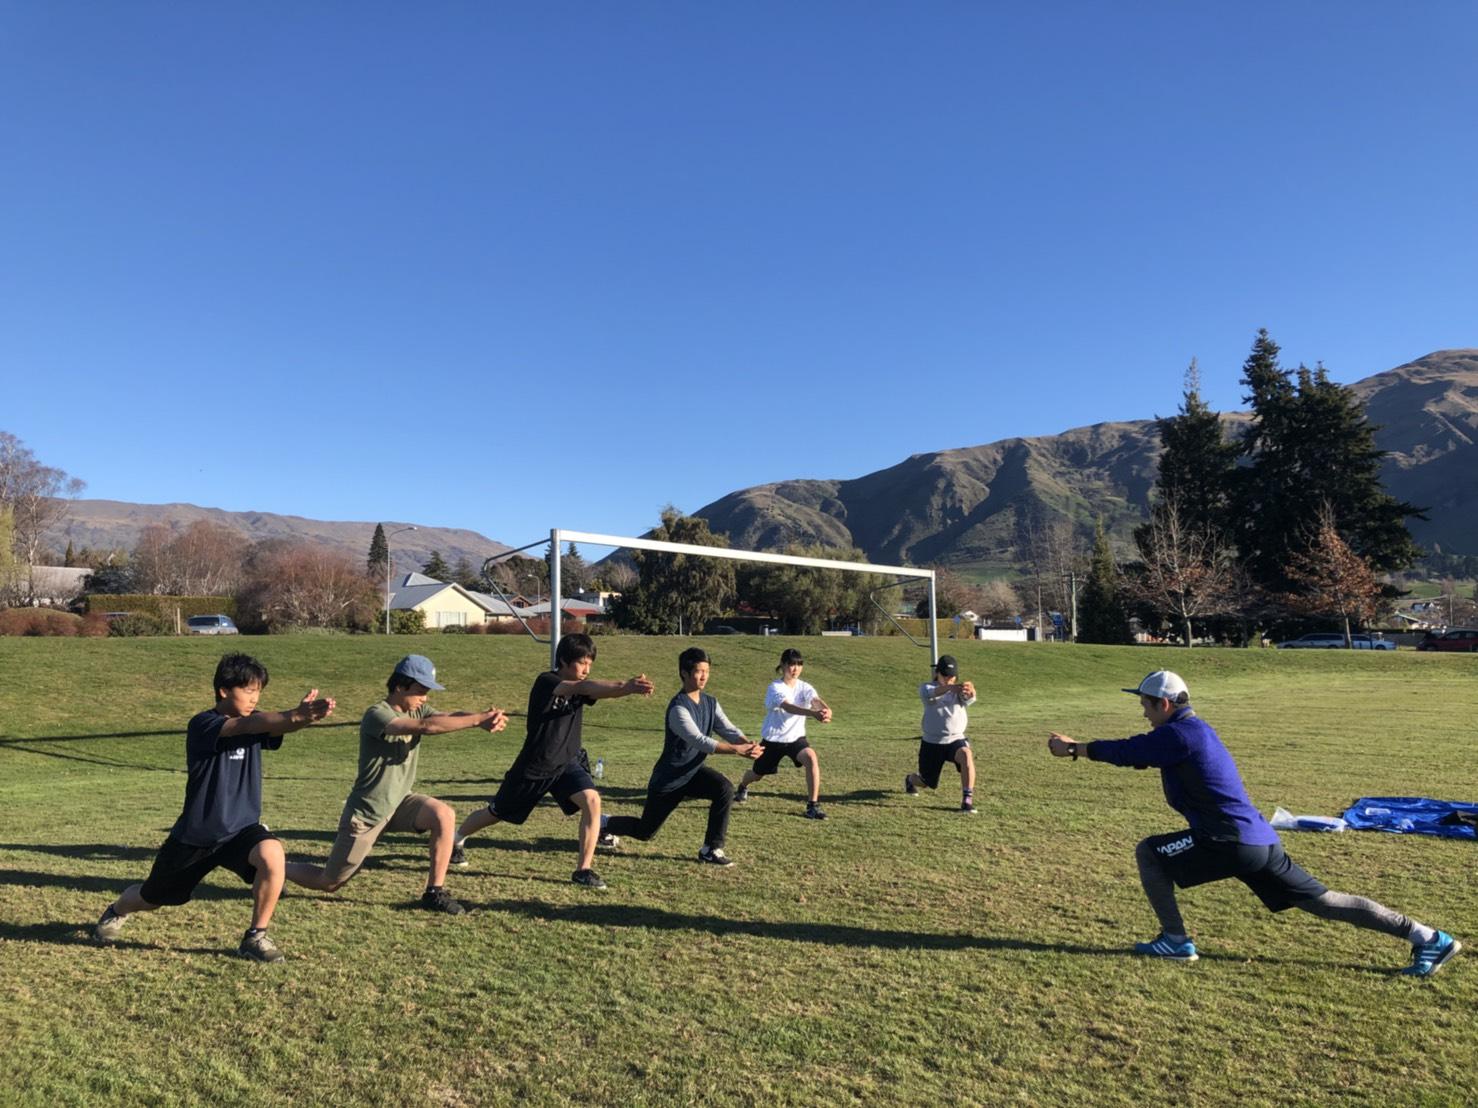 ㈷秋山トレーナーによるトレーニング指導